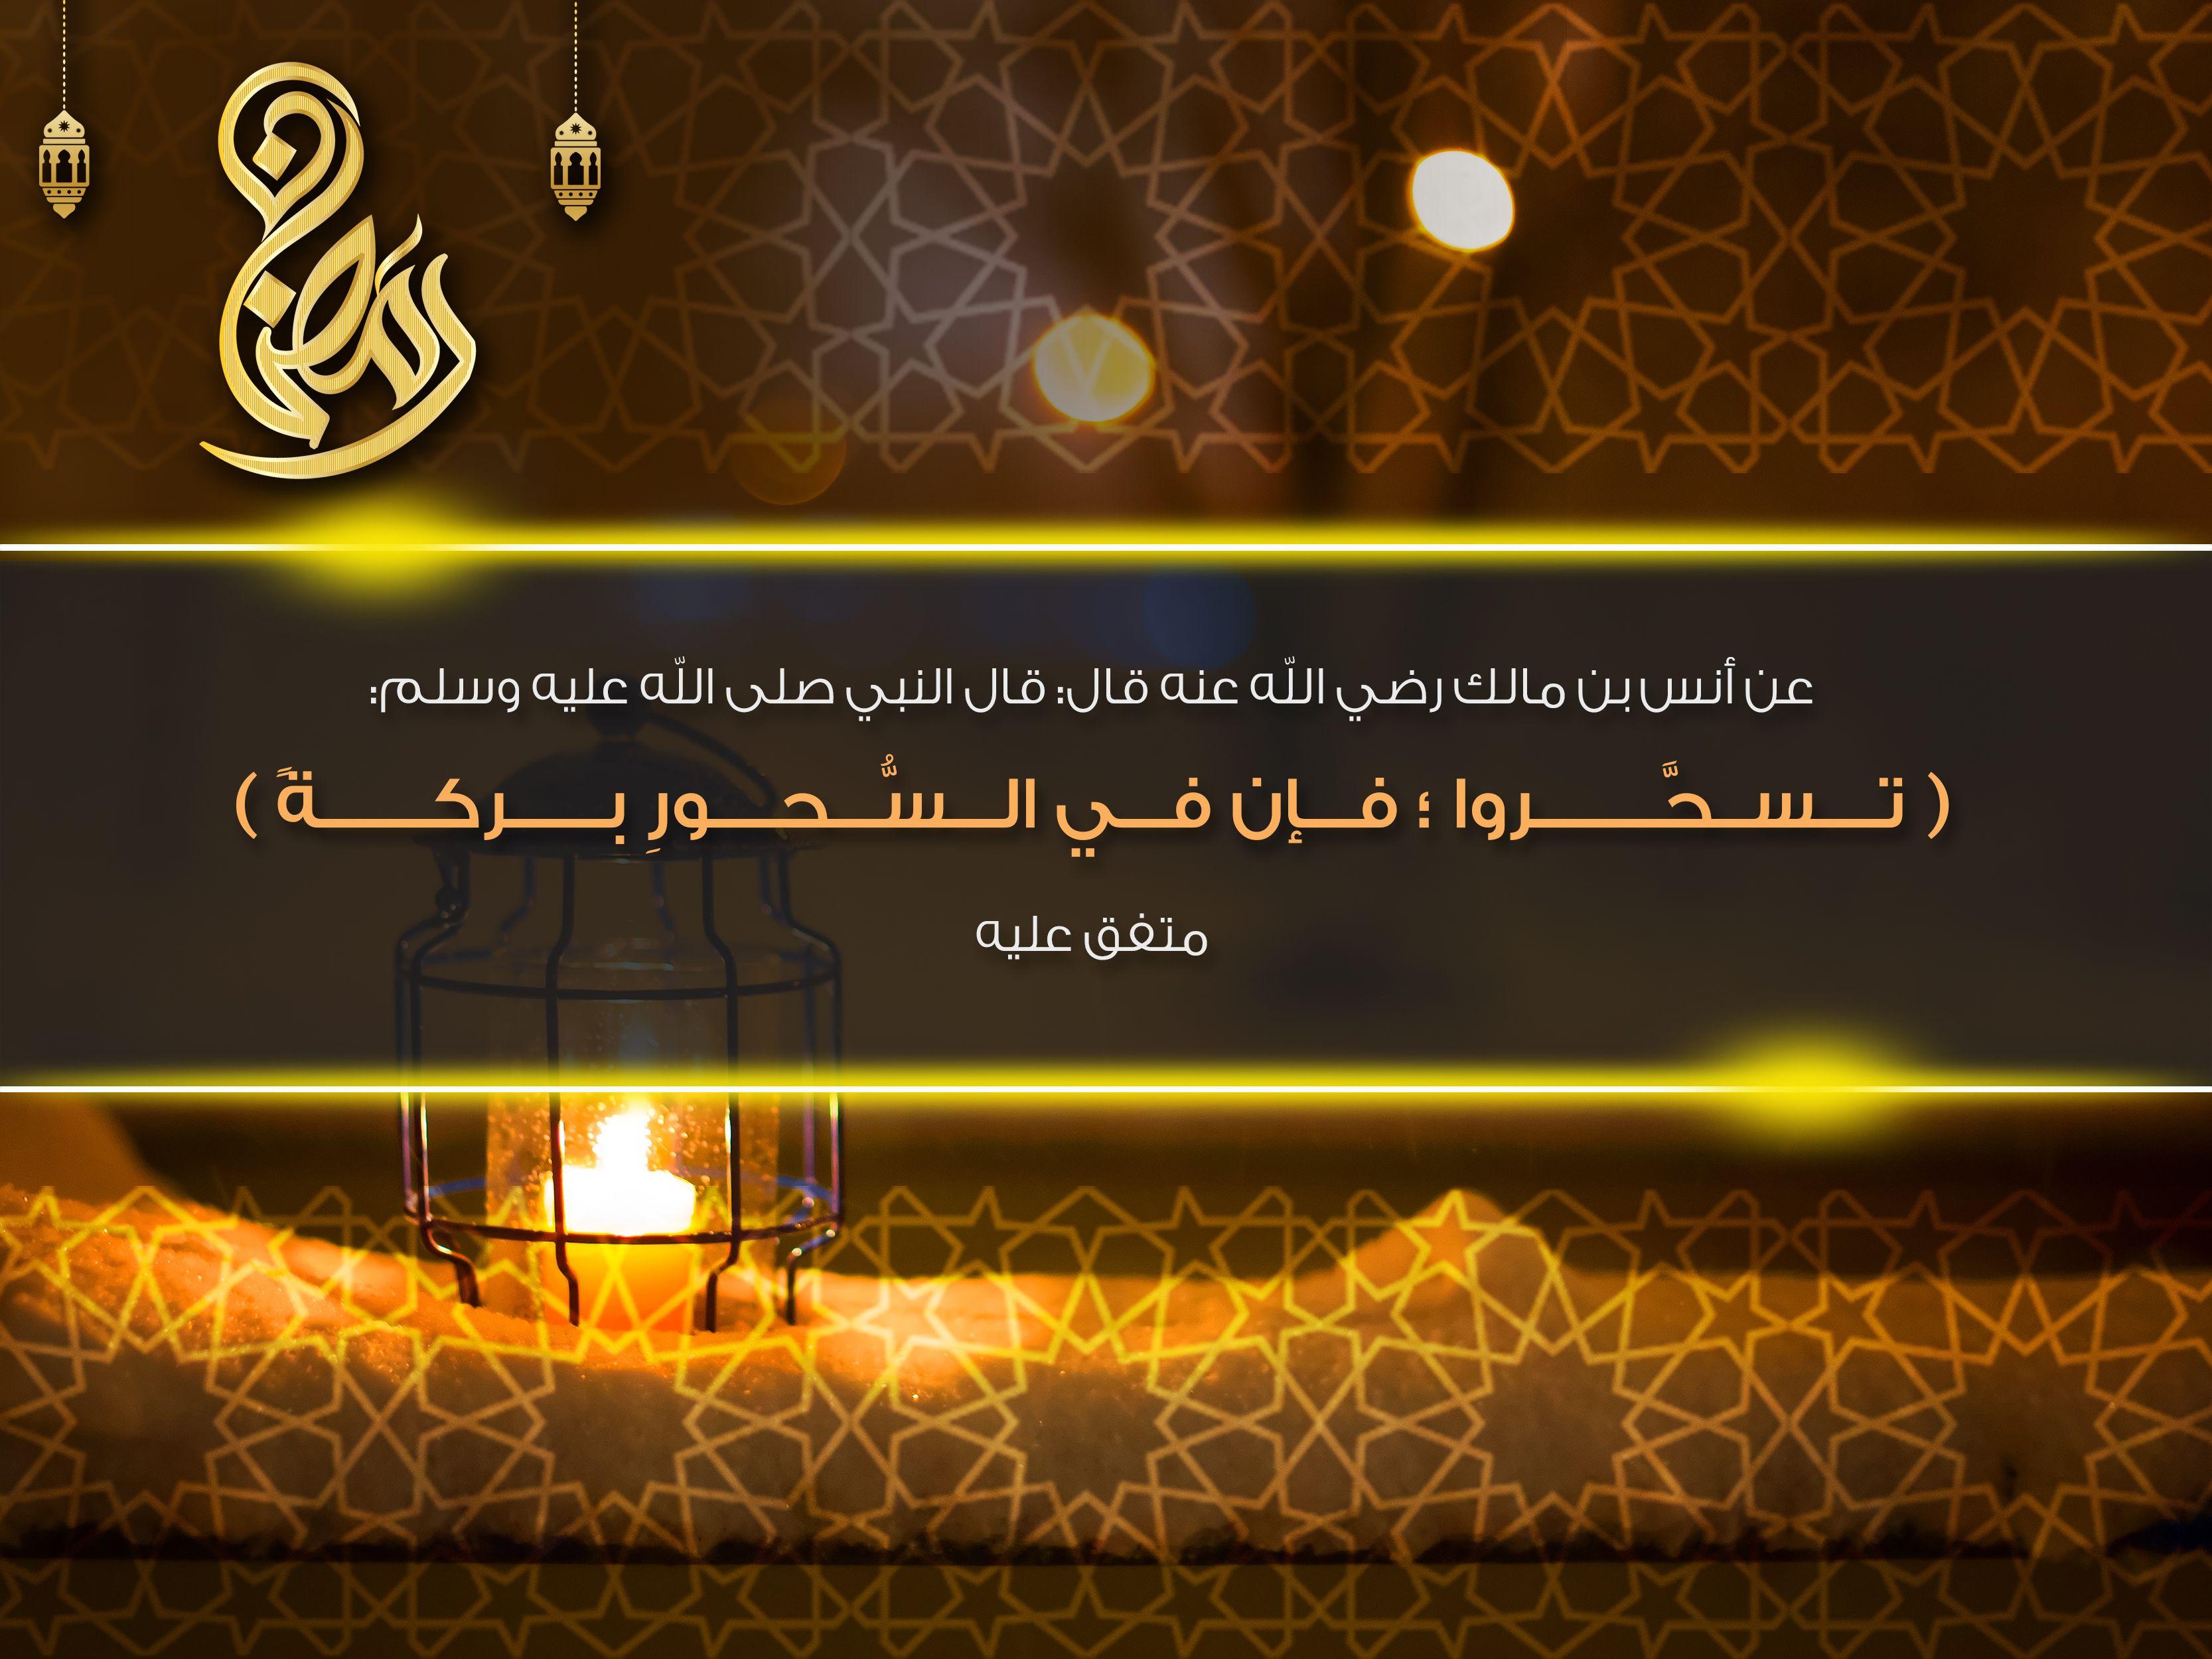 السحور في رمضان Graphic Design Photography Ramadan Graphic Design